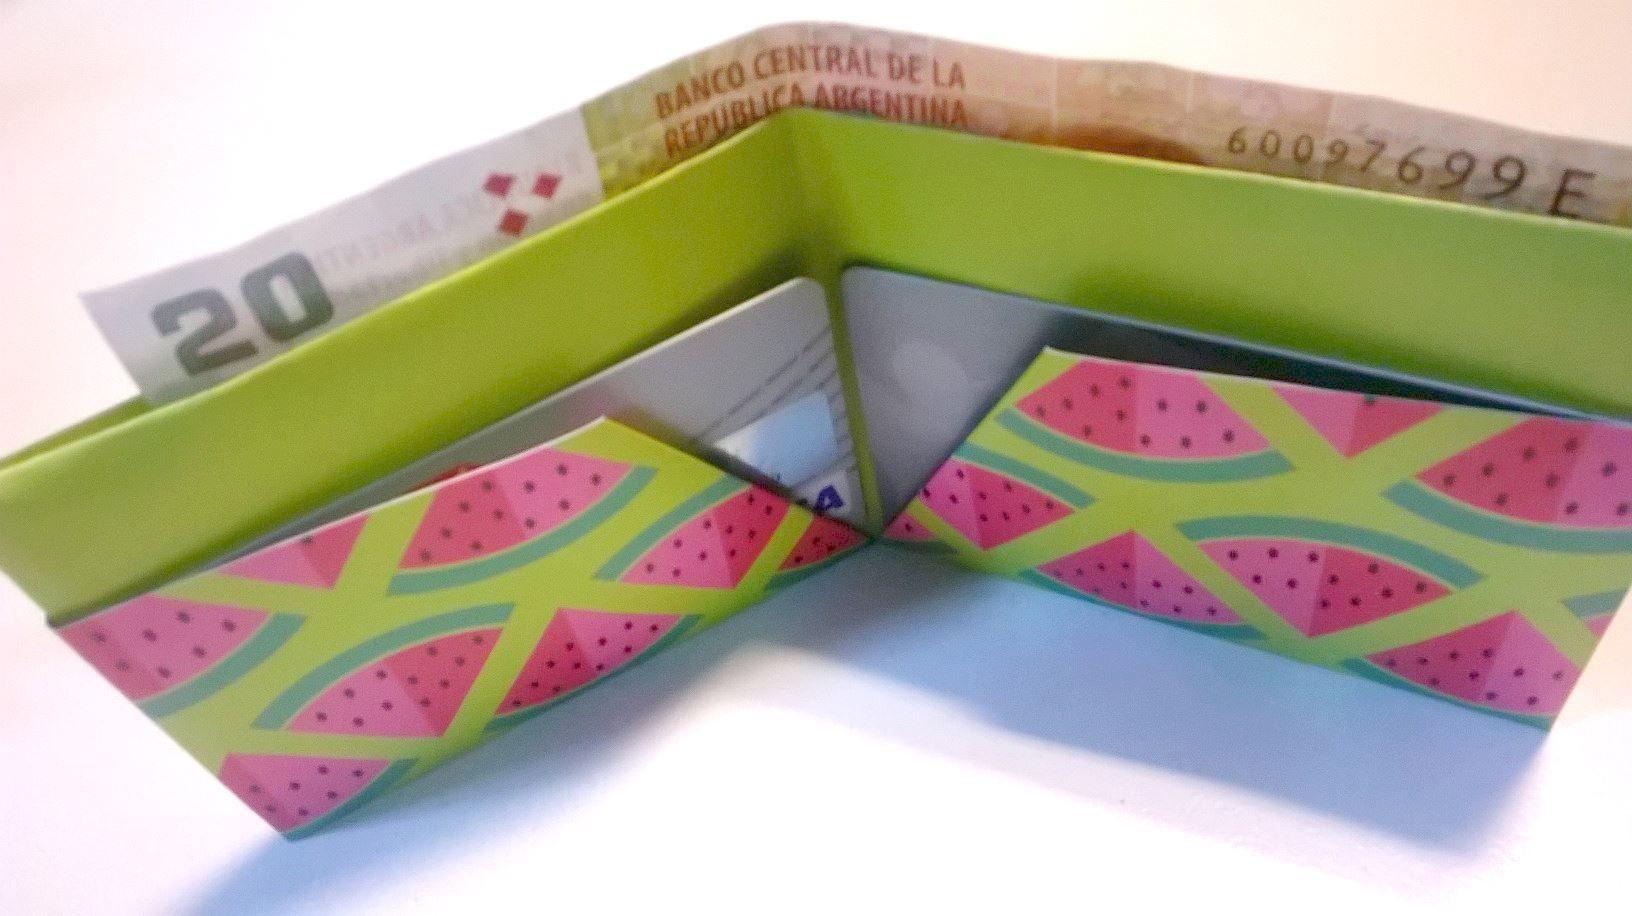 Billetera de papel   Lovely   Pinterest   Papel y Reciclado